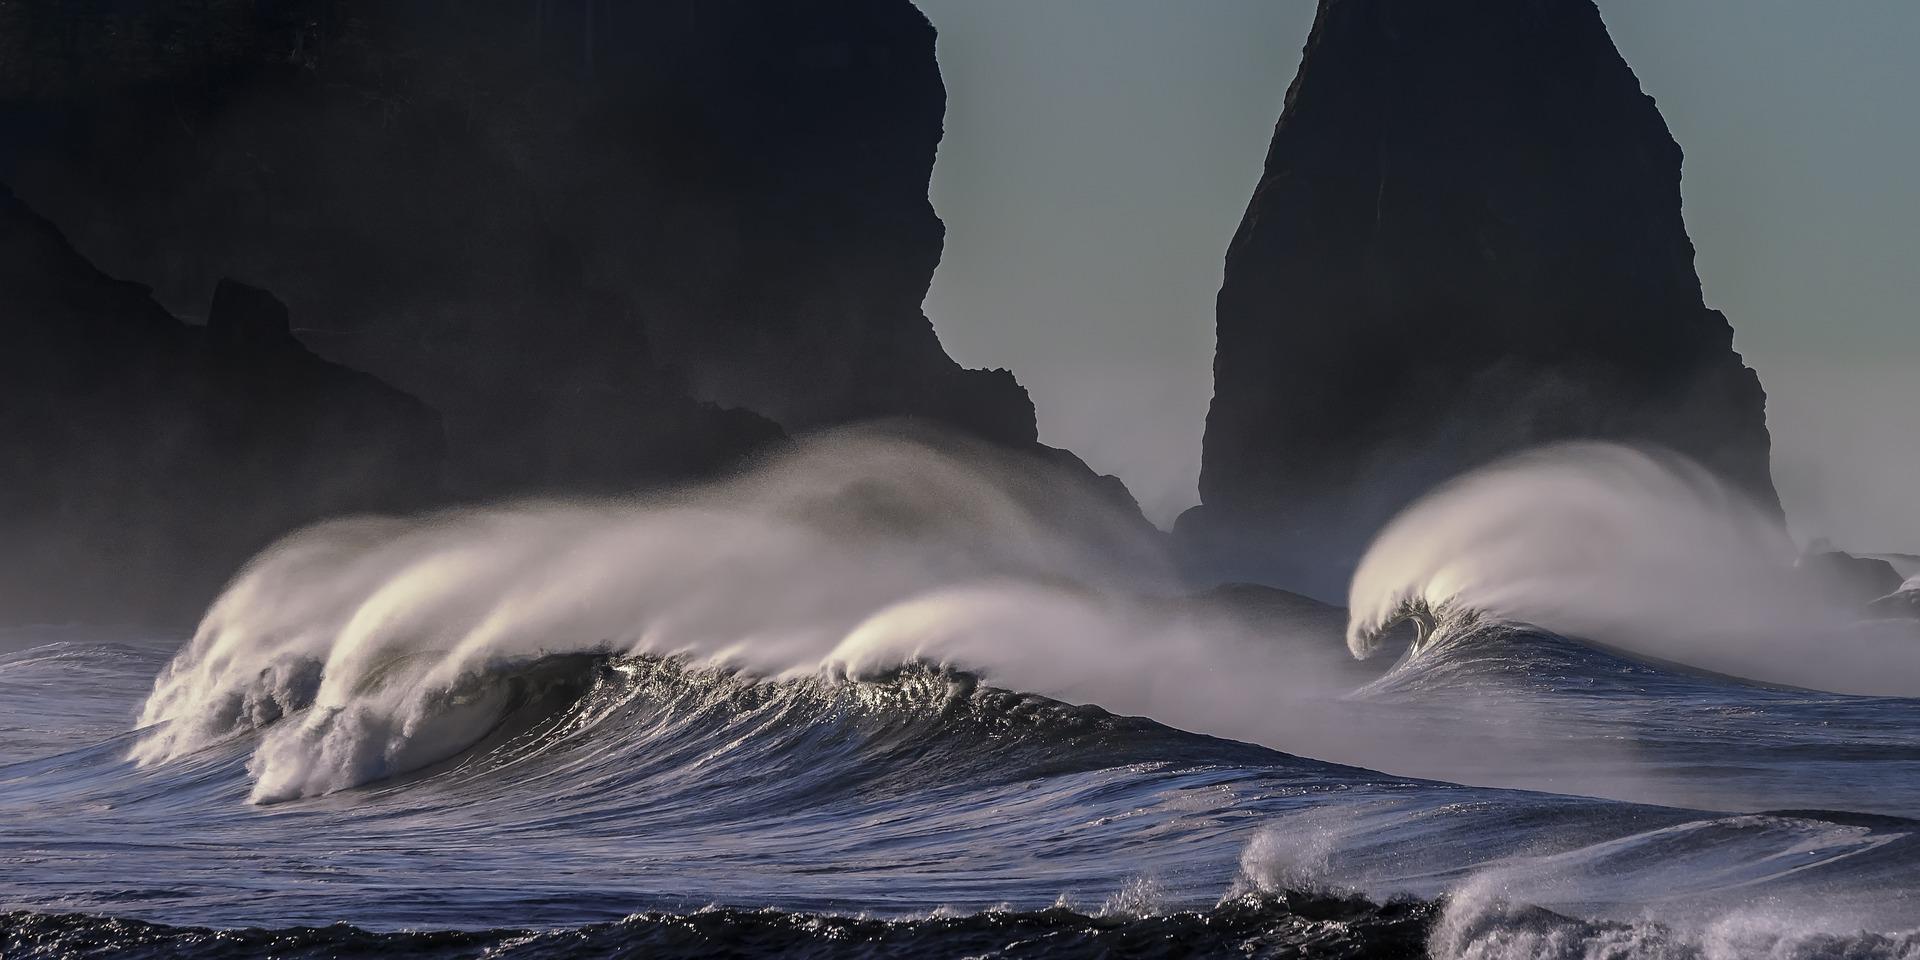 Θάλασσα: Τα αρνητικά ιόντα προάγουν θετική διάθεση